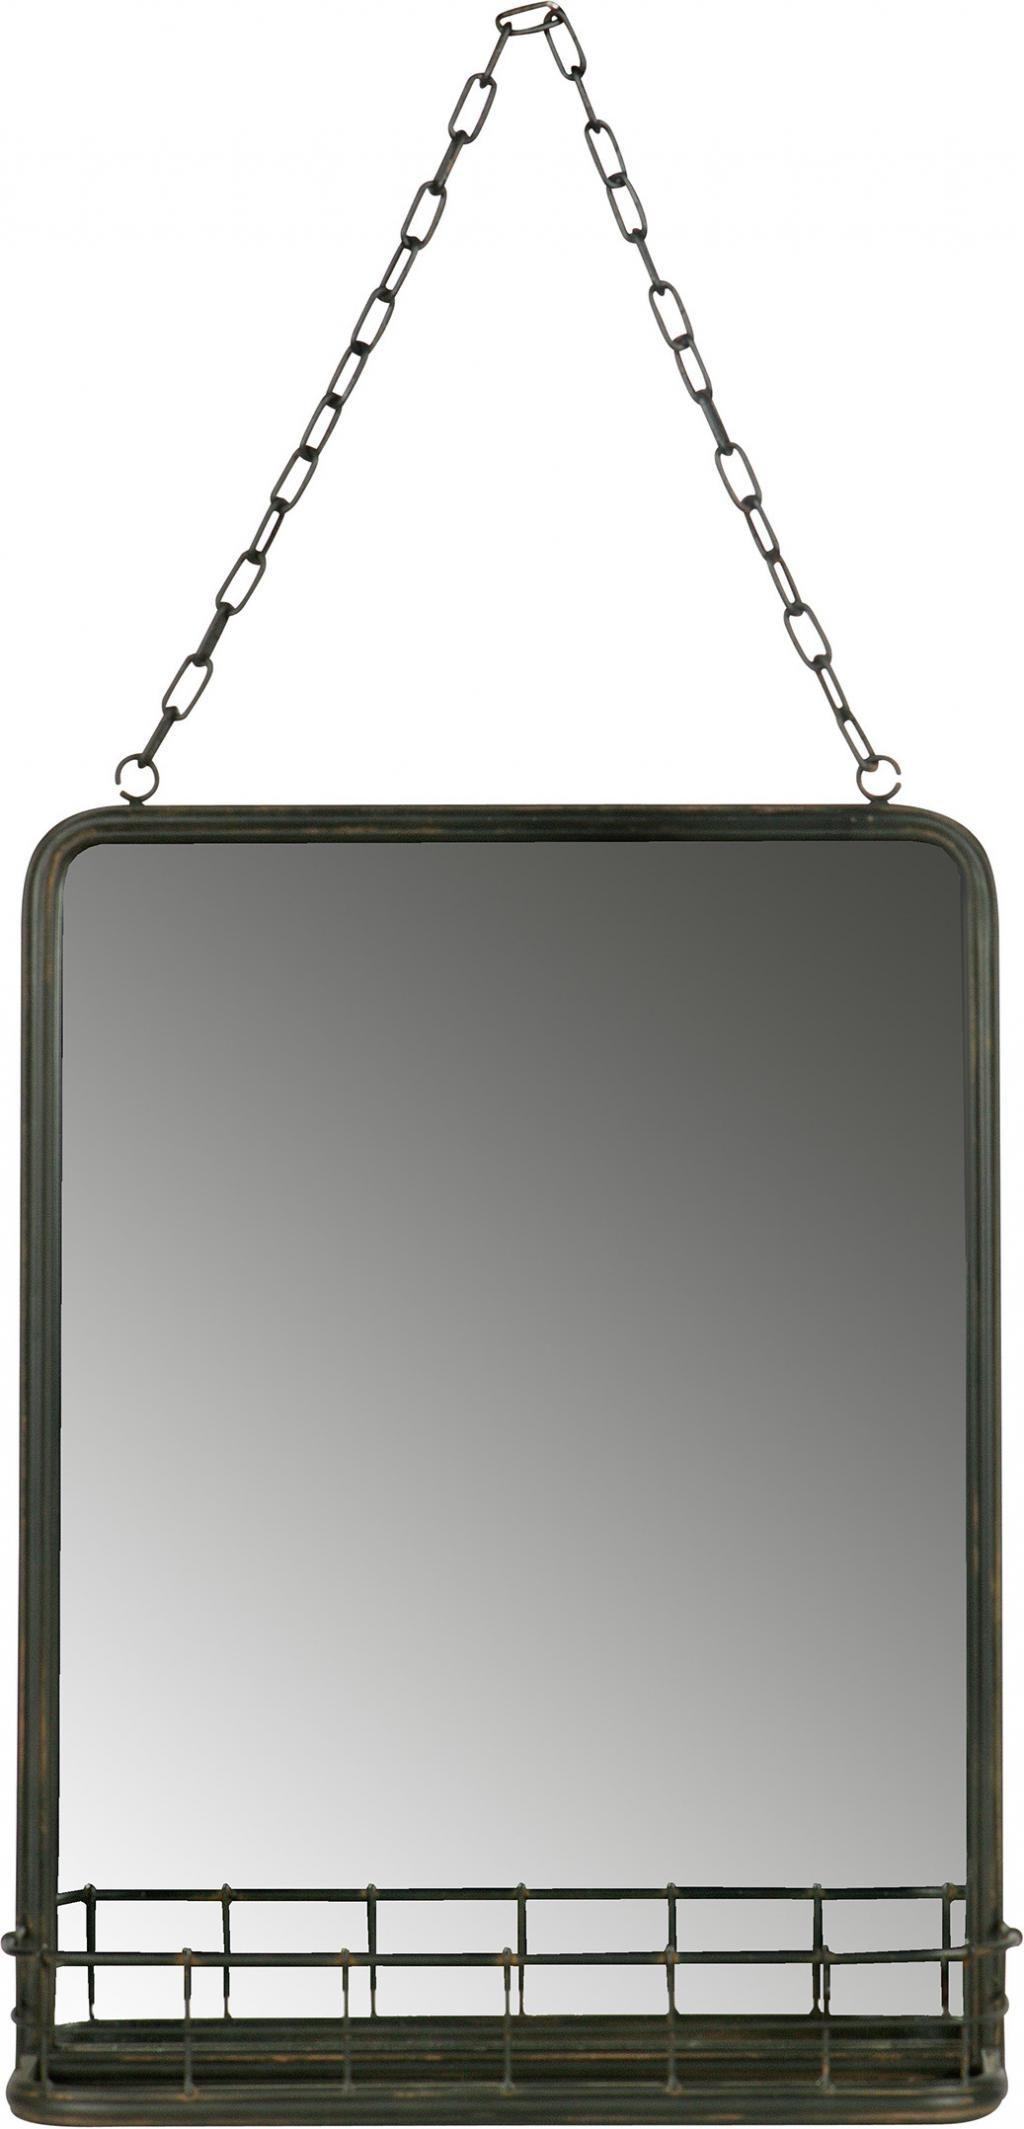 Spiegel Met Planchet.Bepurehome Speak Hangende Spiegel Met Planchet Metaal Zwart Am